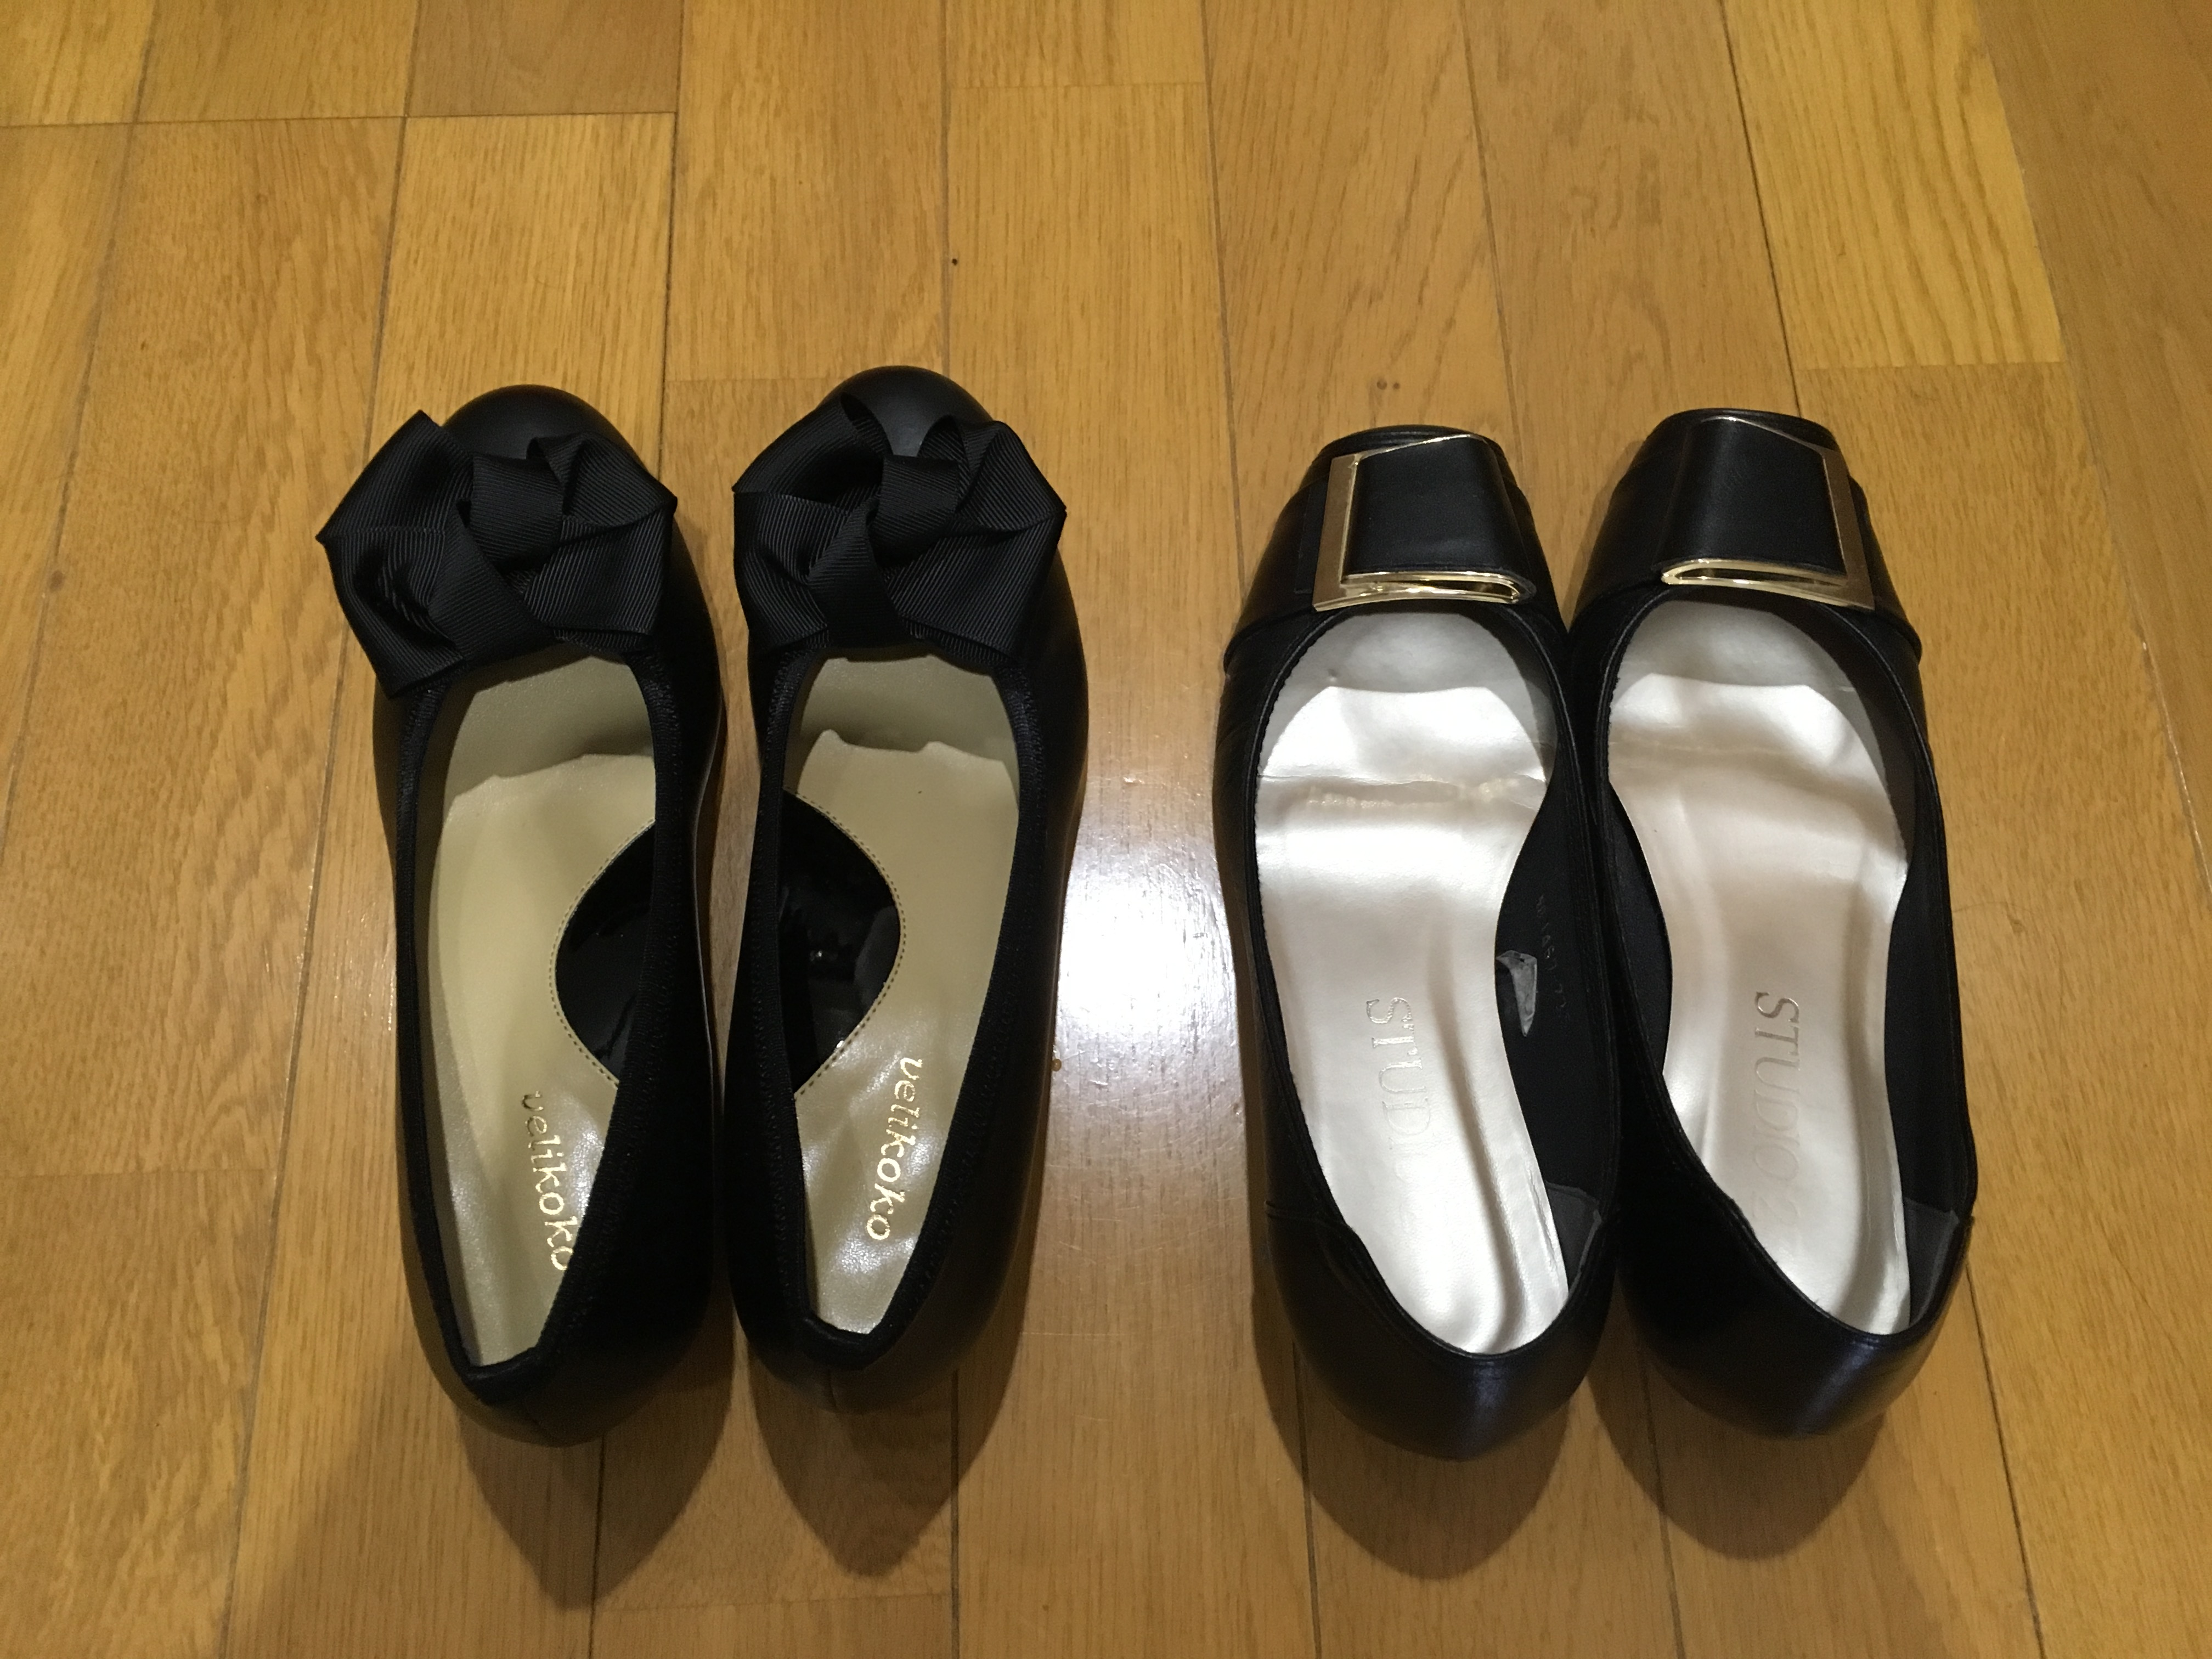 断捨離祭り*靴はやっぱり履き心地が最優先!